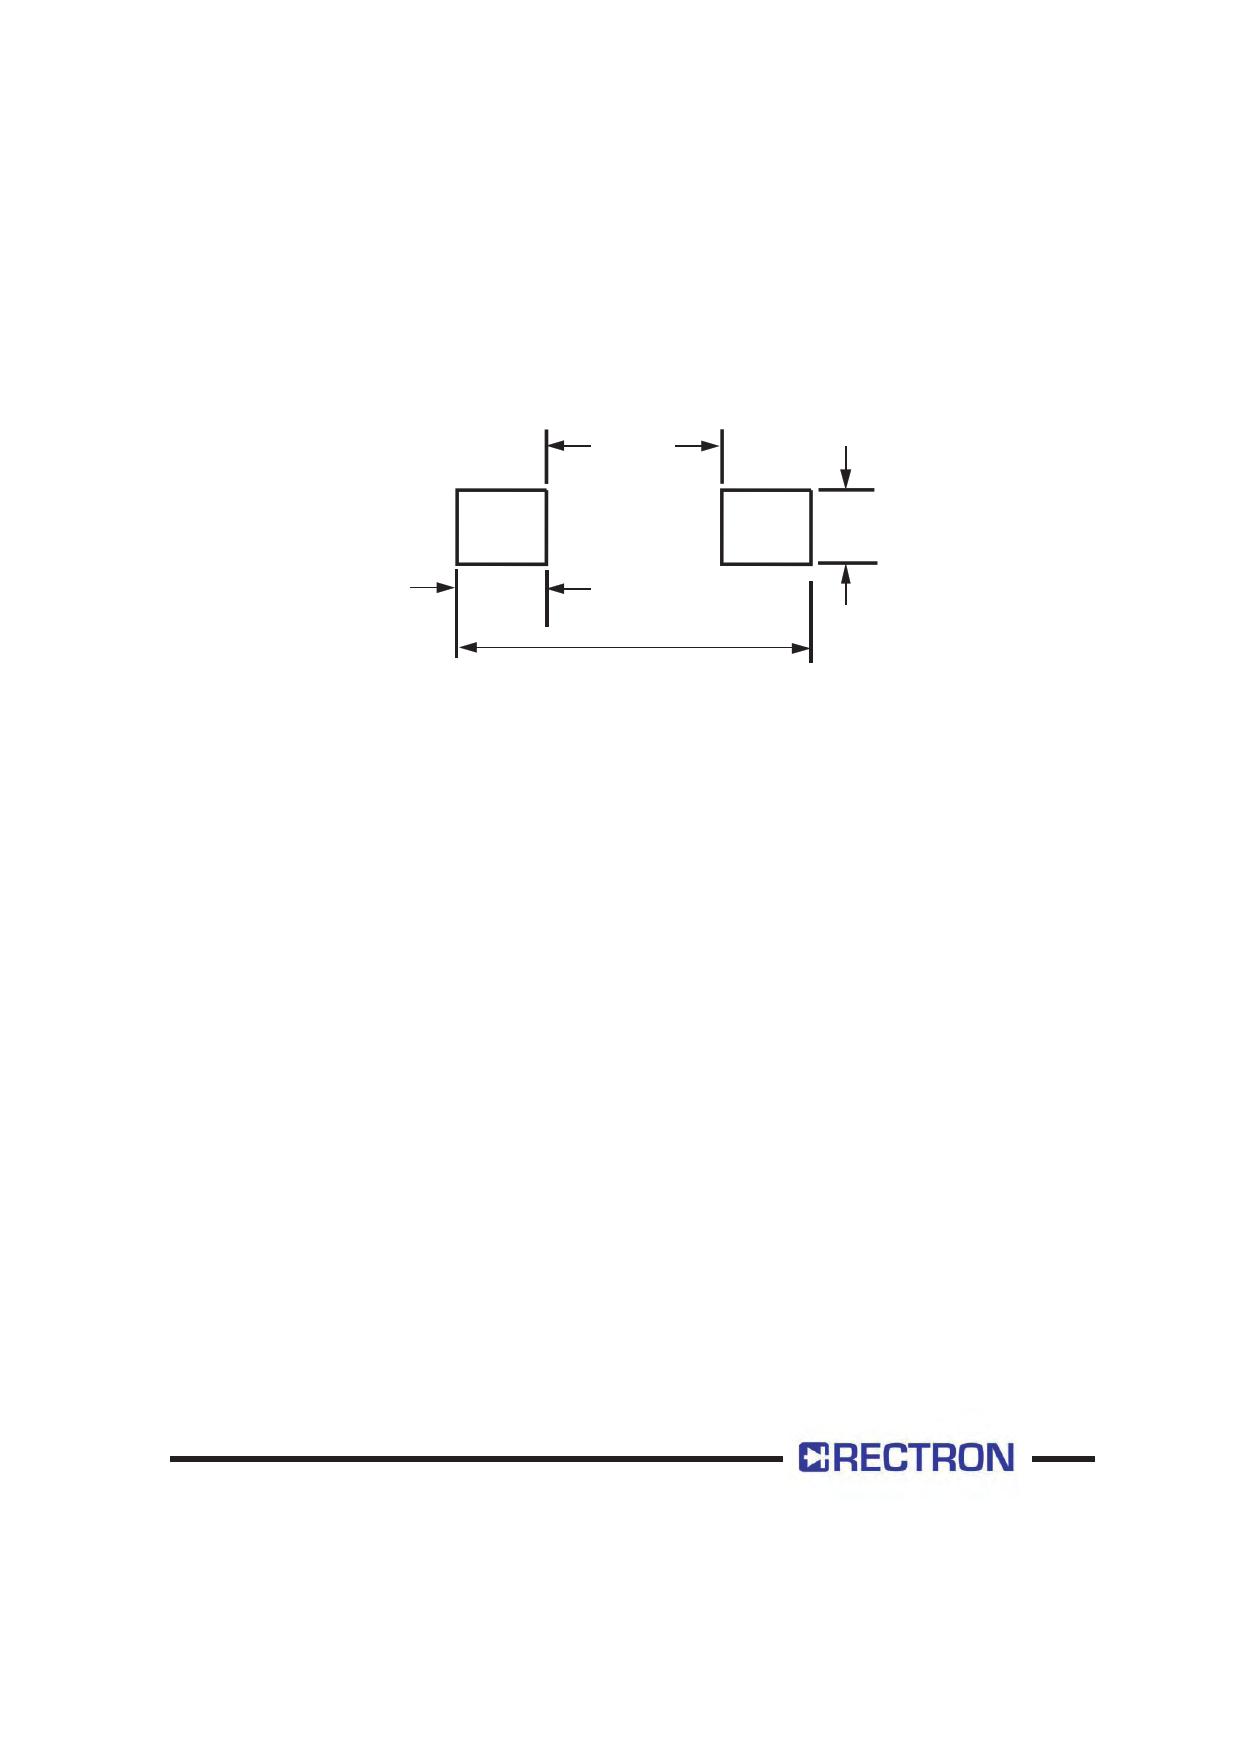 MURS320 pdf, ピン配列